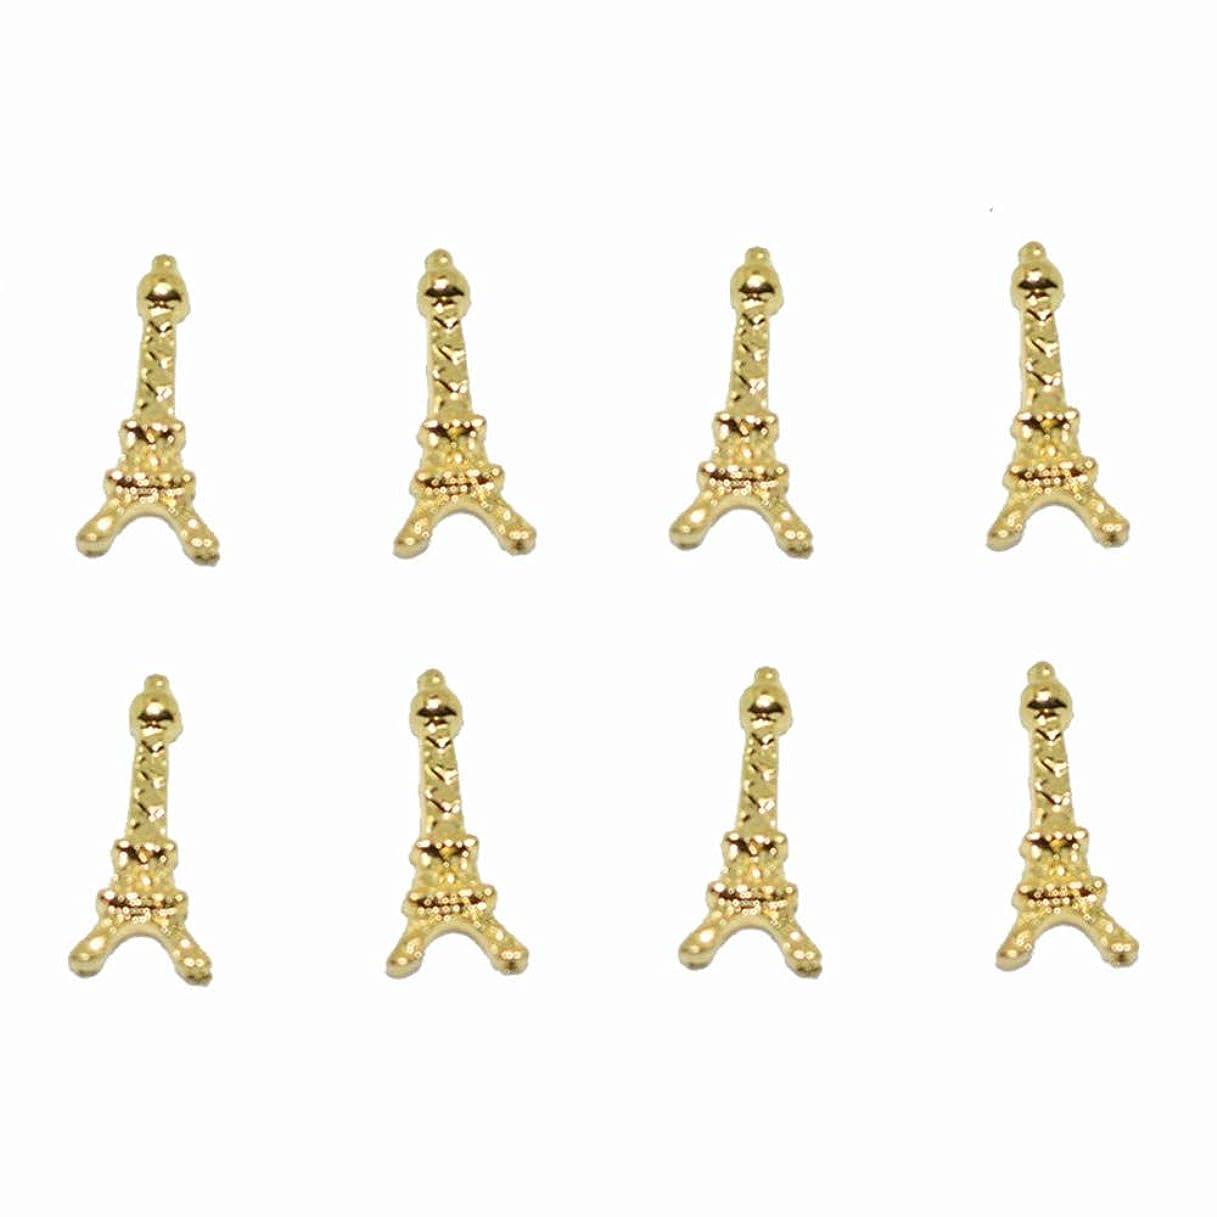 詳細に火曜日適合しました100ピース新しいゴールドエッフェル塔3Dネイルアート装飾合金ネイルチャーム、ネイルラインストーンネイル用品